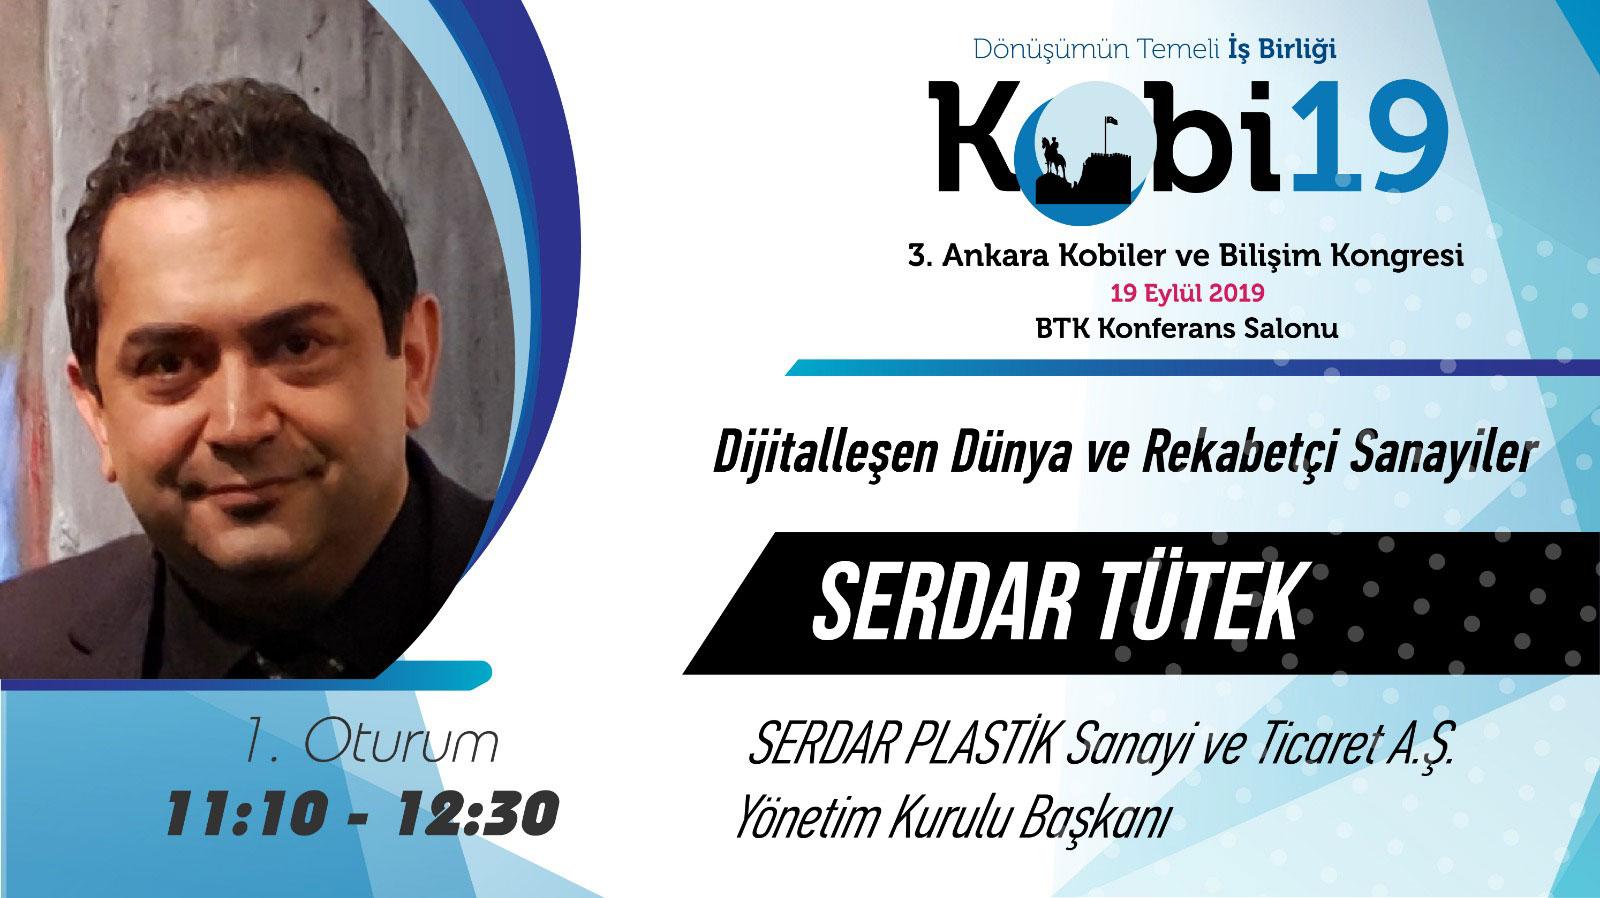 Serdar Tütek - 3. Ankara Kobiler ve Bilişim Kongresi 2019